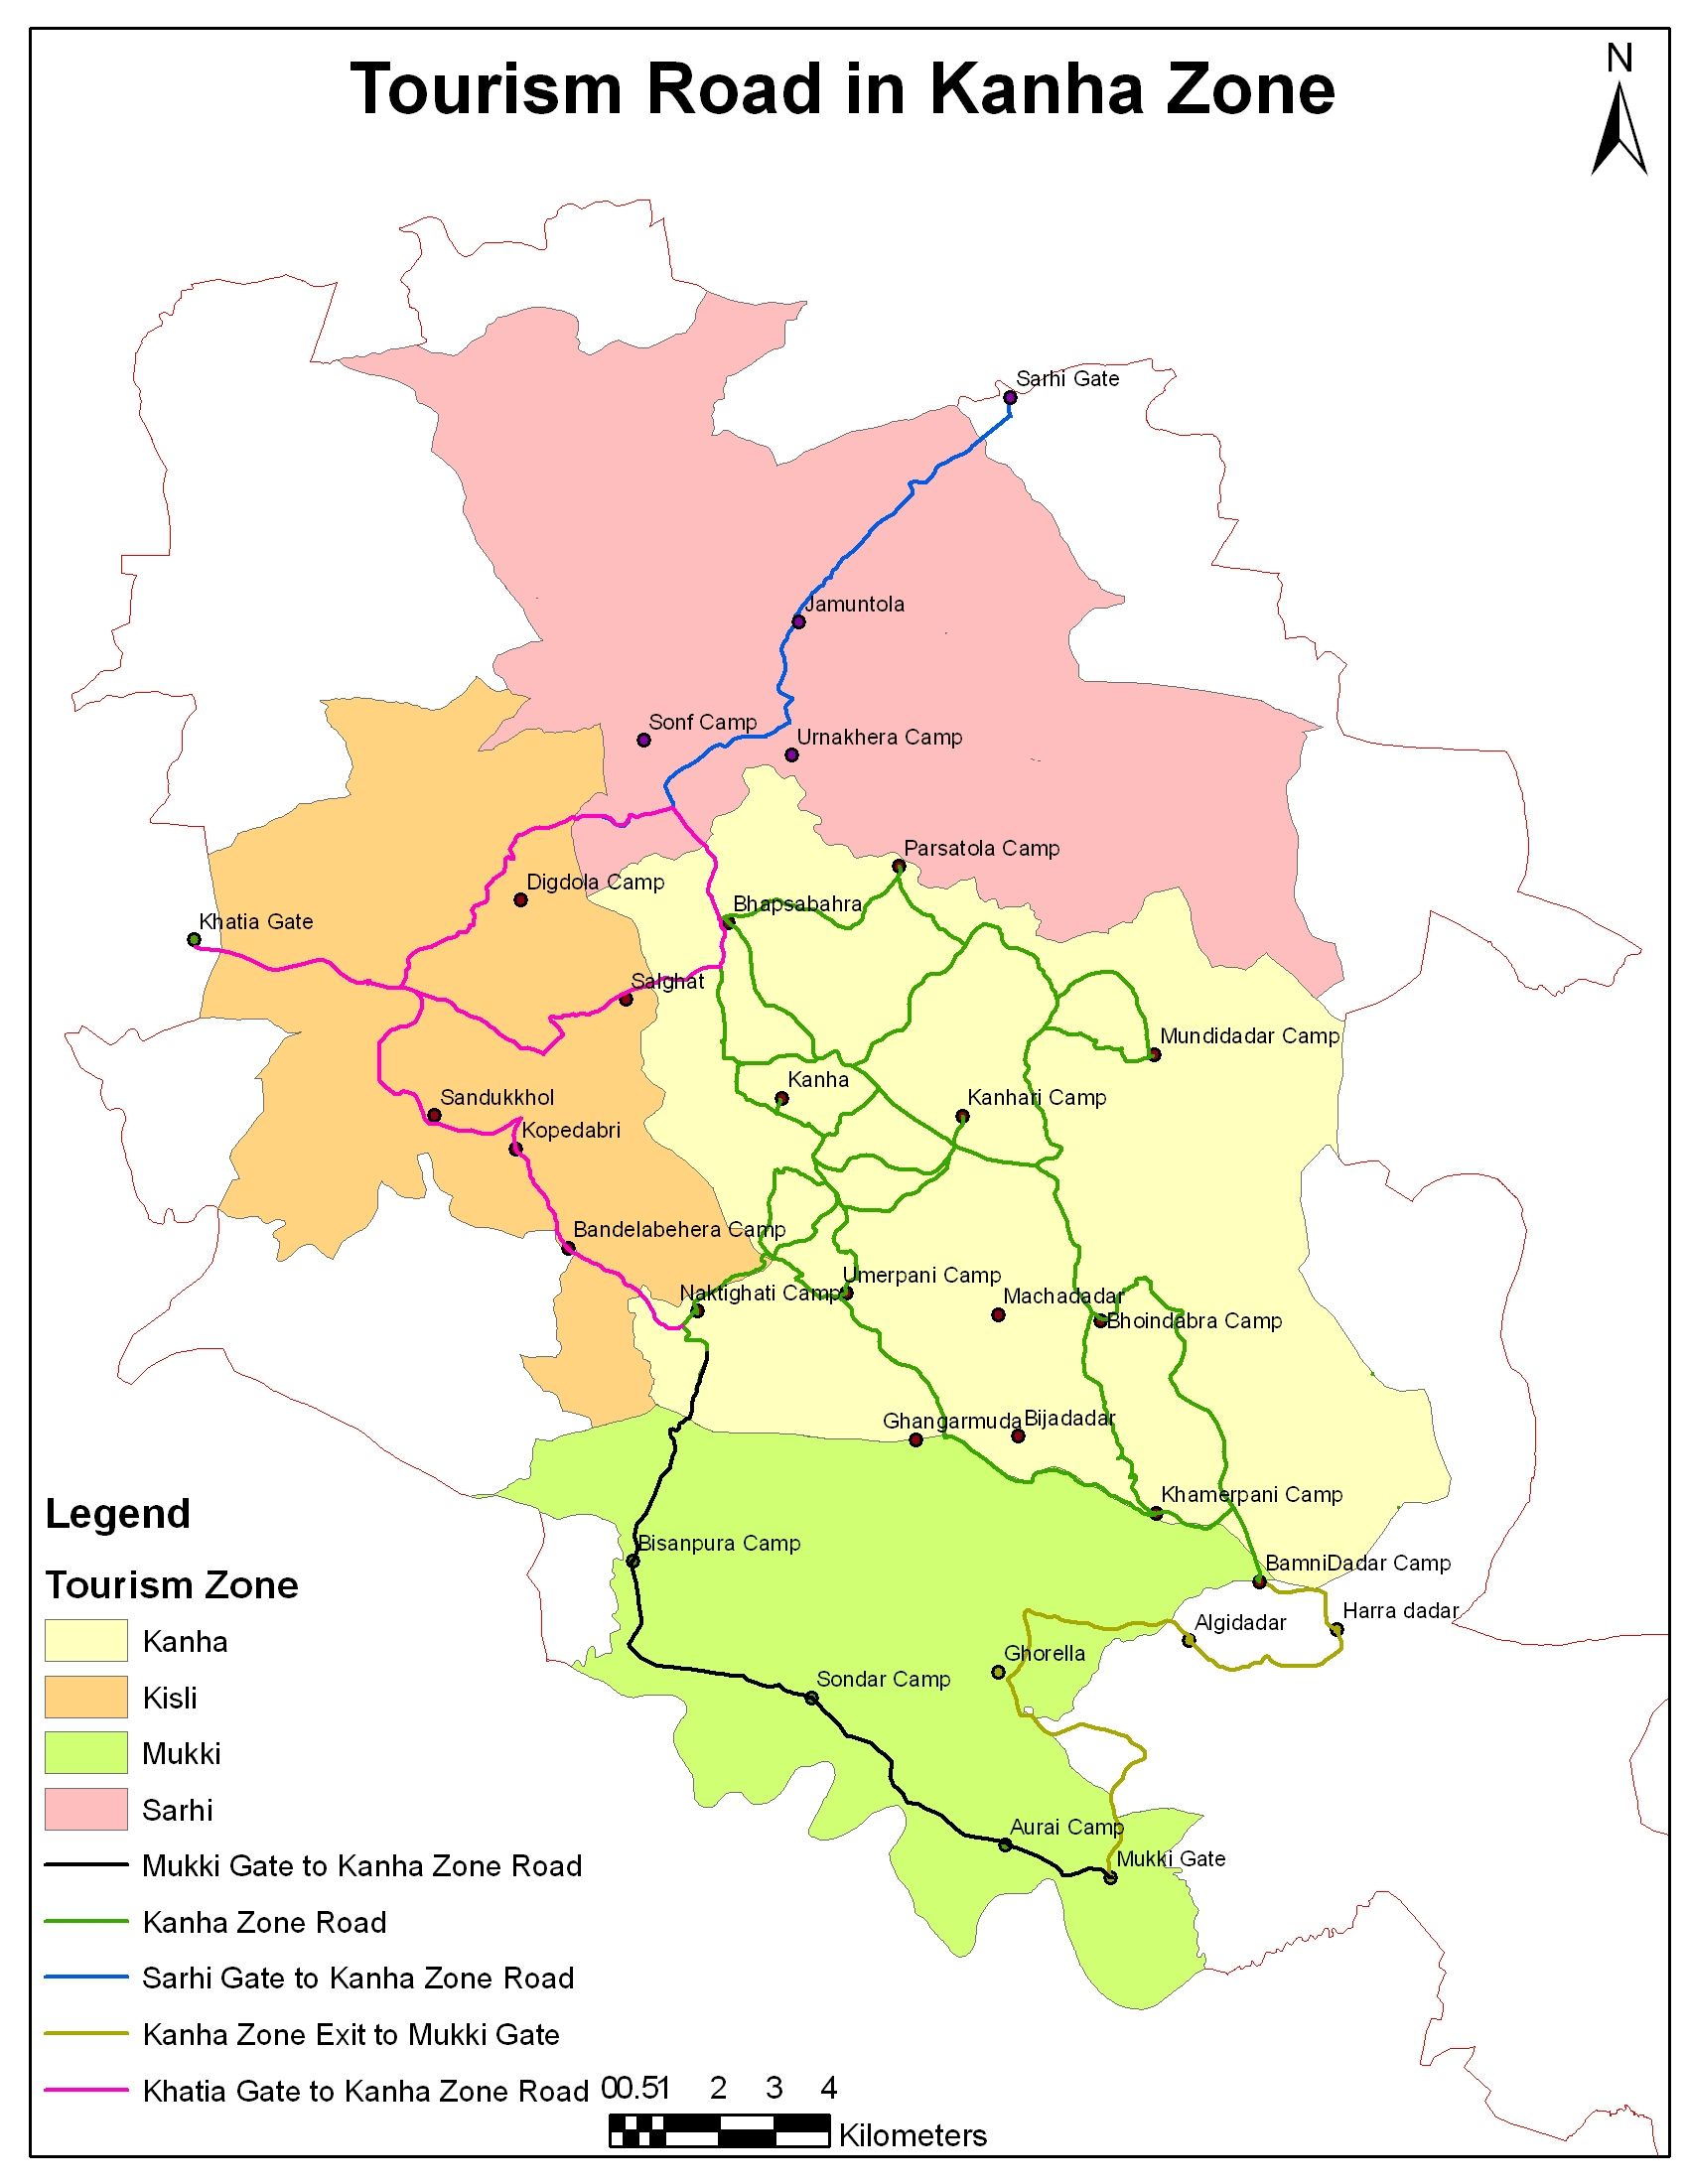 Kanha Zones Map.jpg